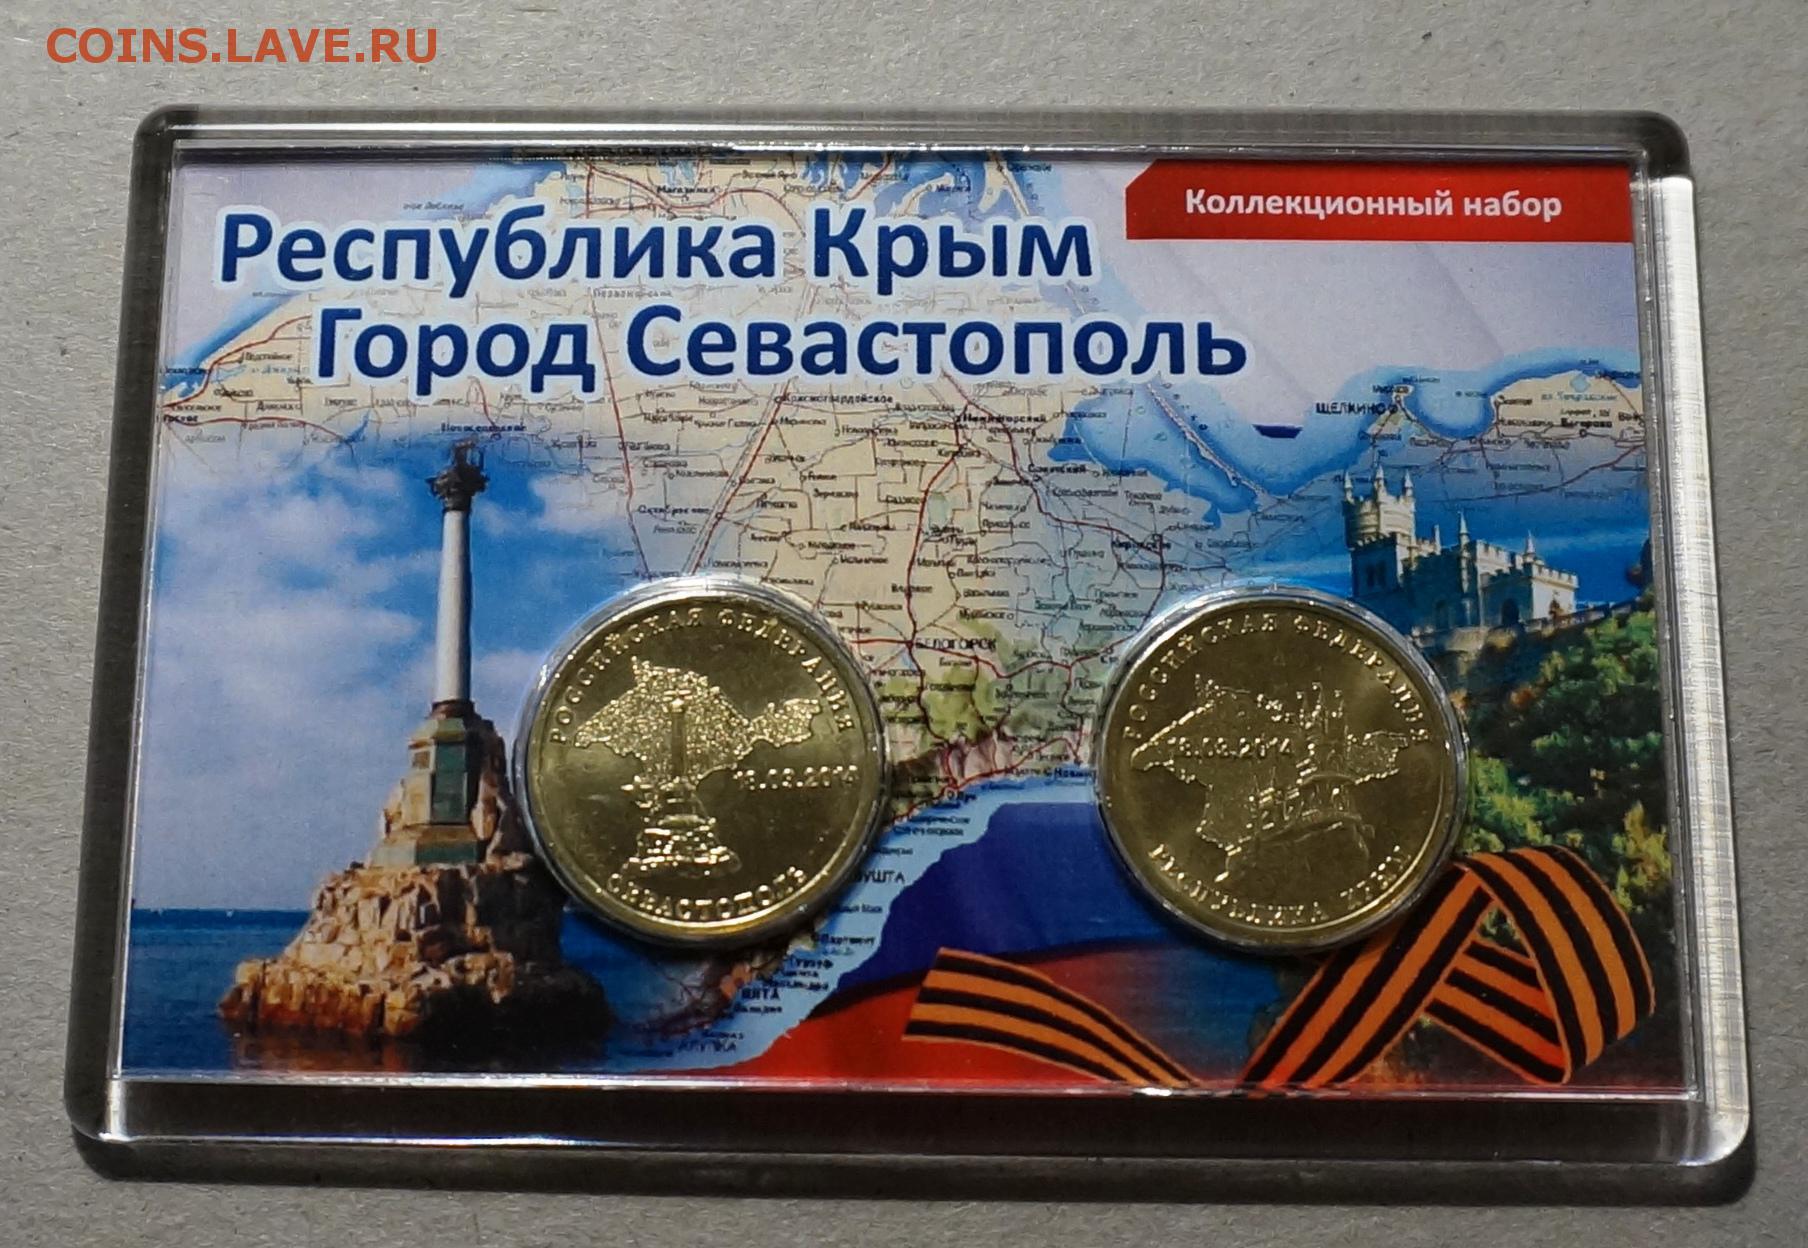 широкой монеты крым и севастополь или